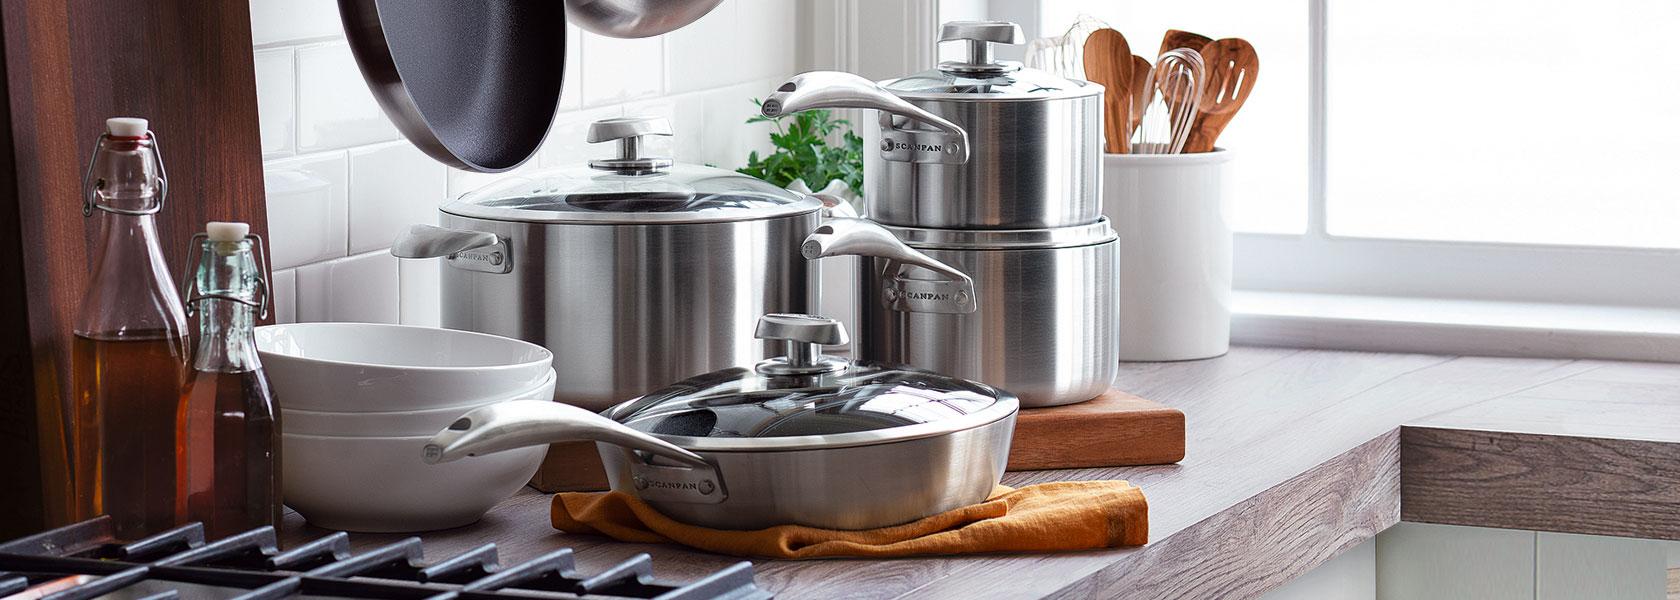 Scanpan CS+ nonstick cookware set